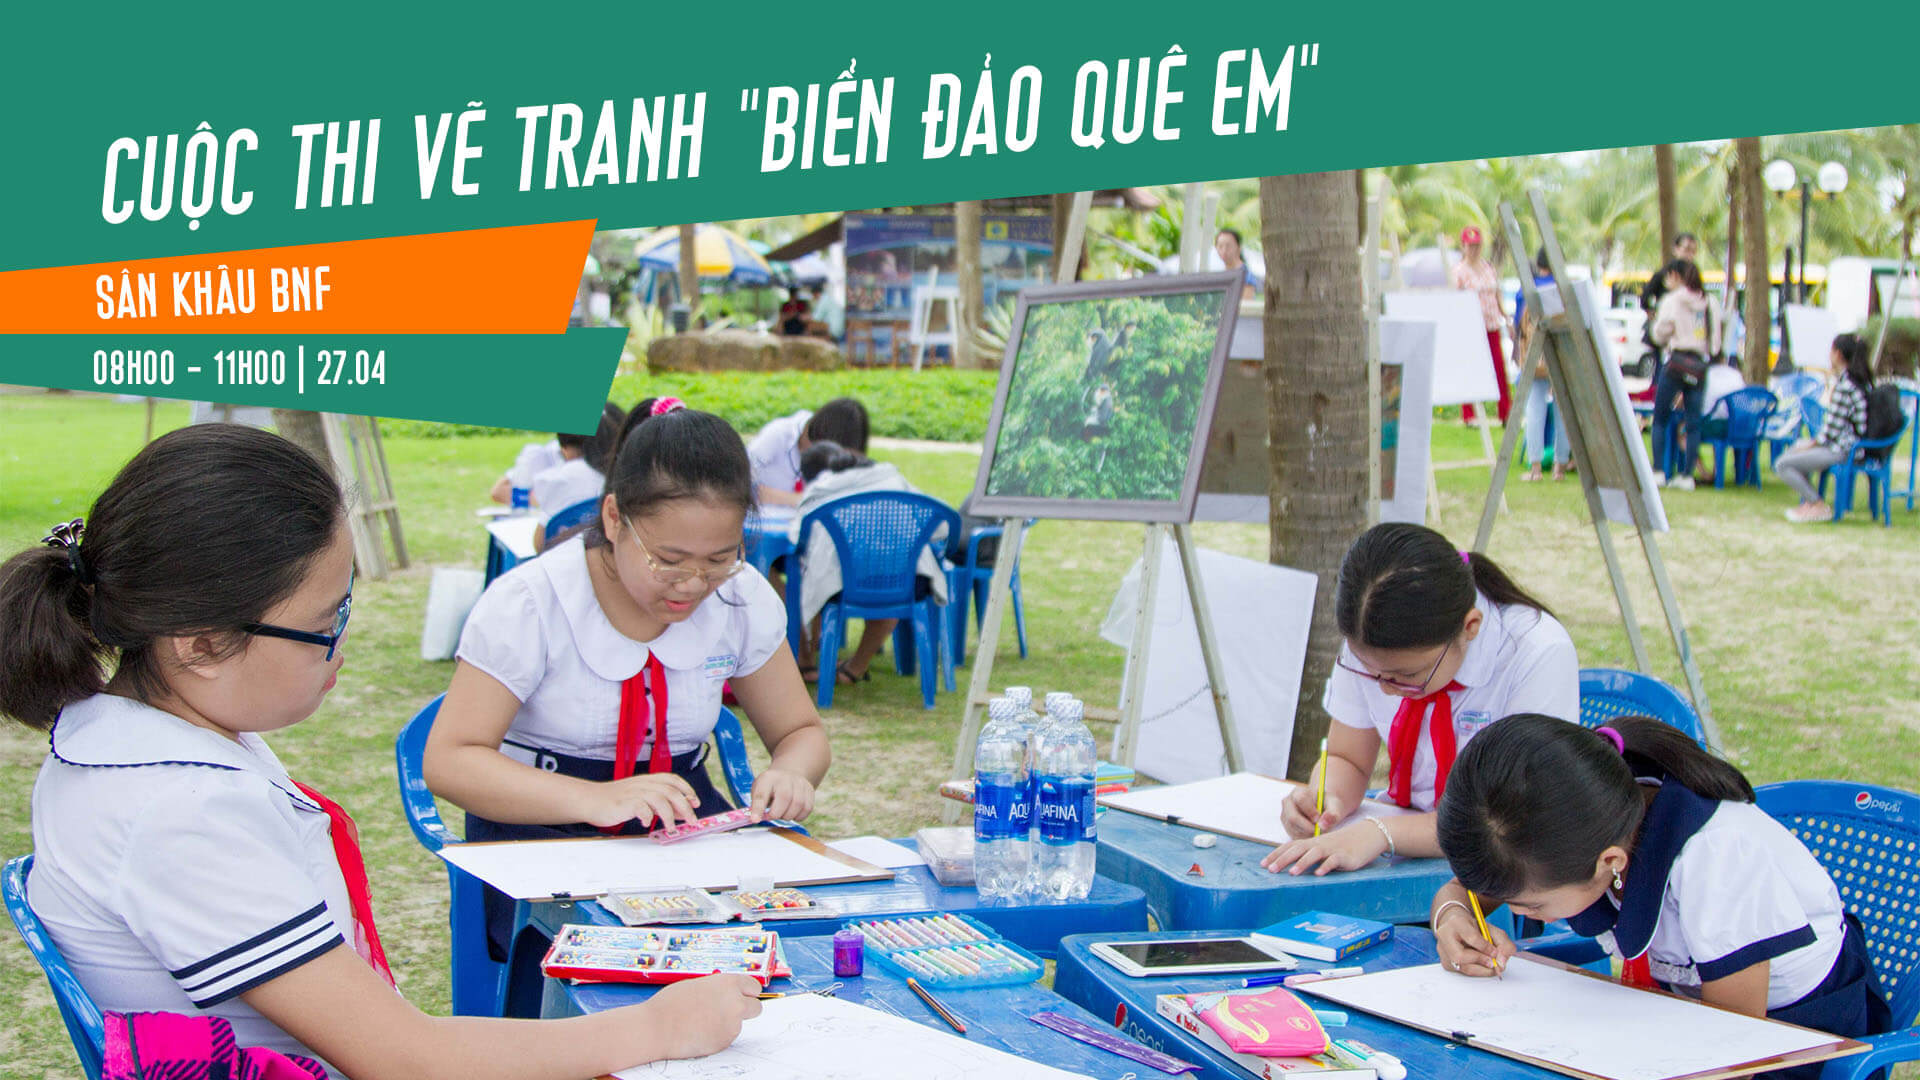 Chi tiết chương trình Khai trương mùa Du lịch biển Đà Nẵng 2018 6